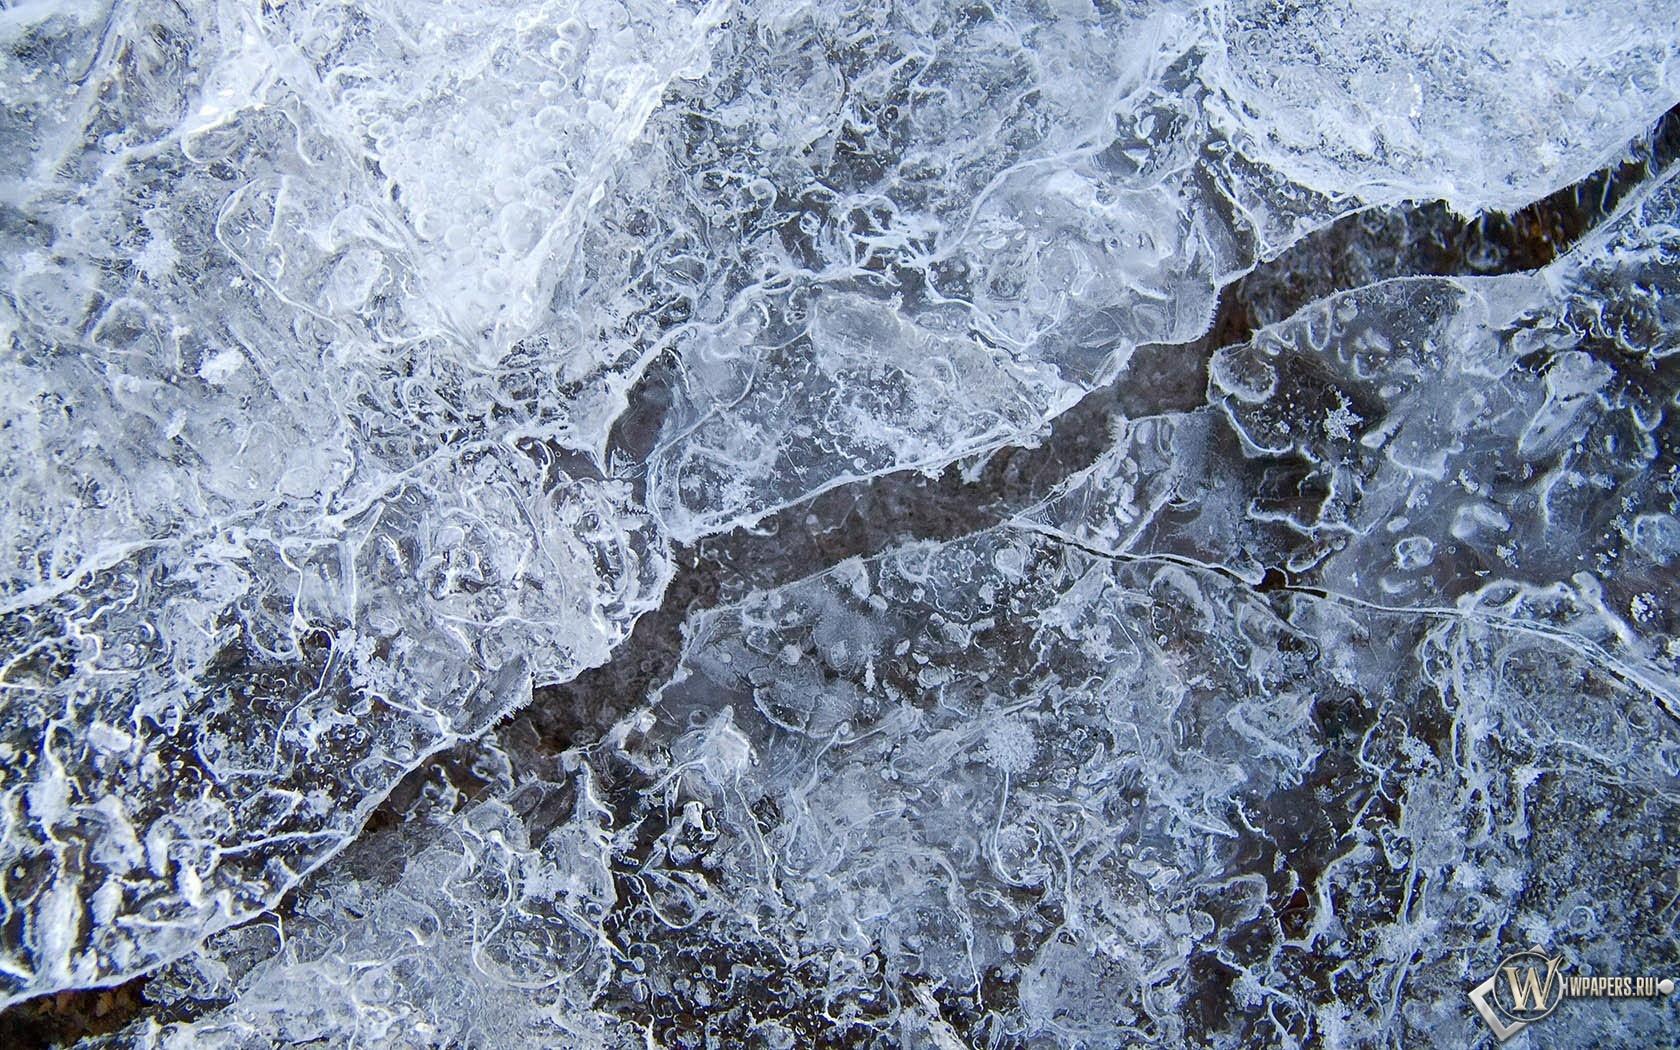 Линия на льду 1680x1050